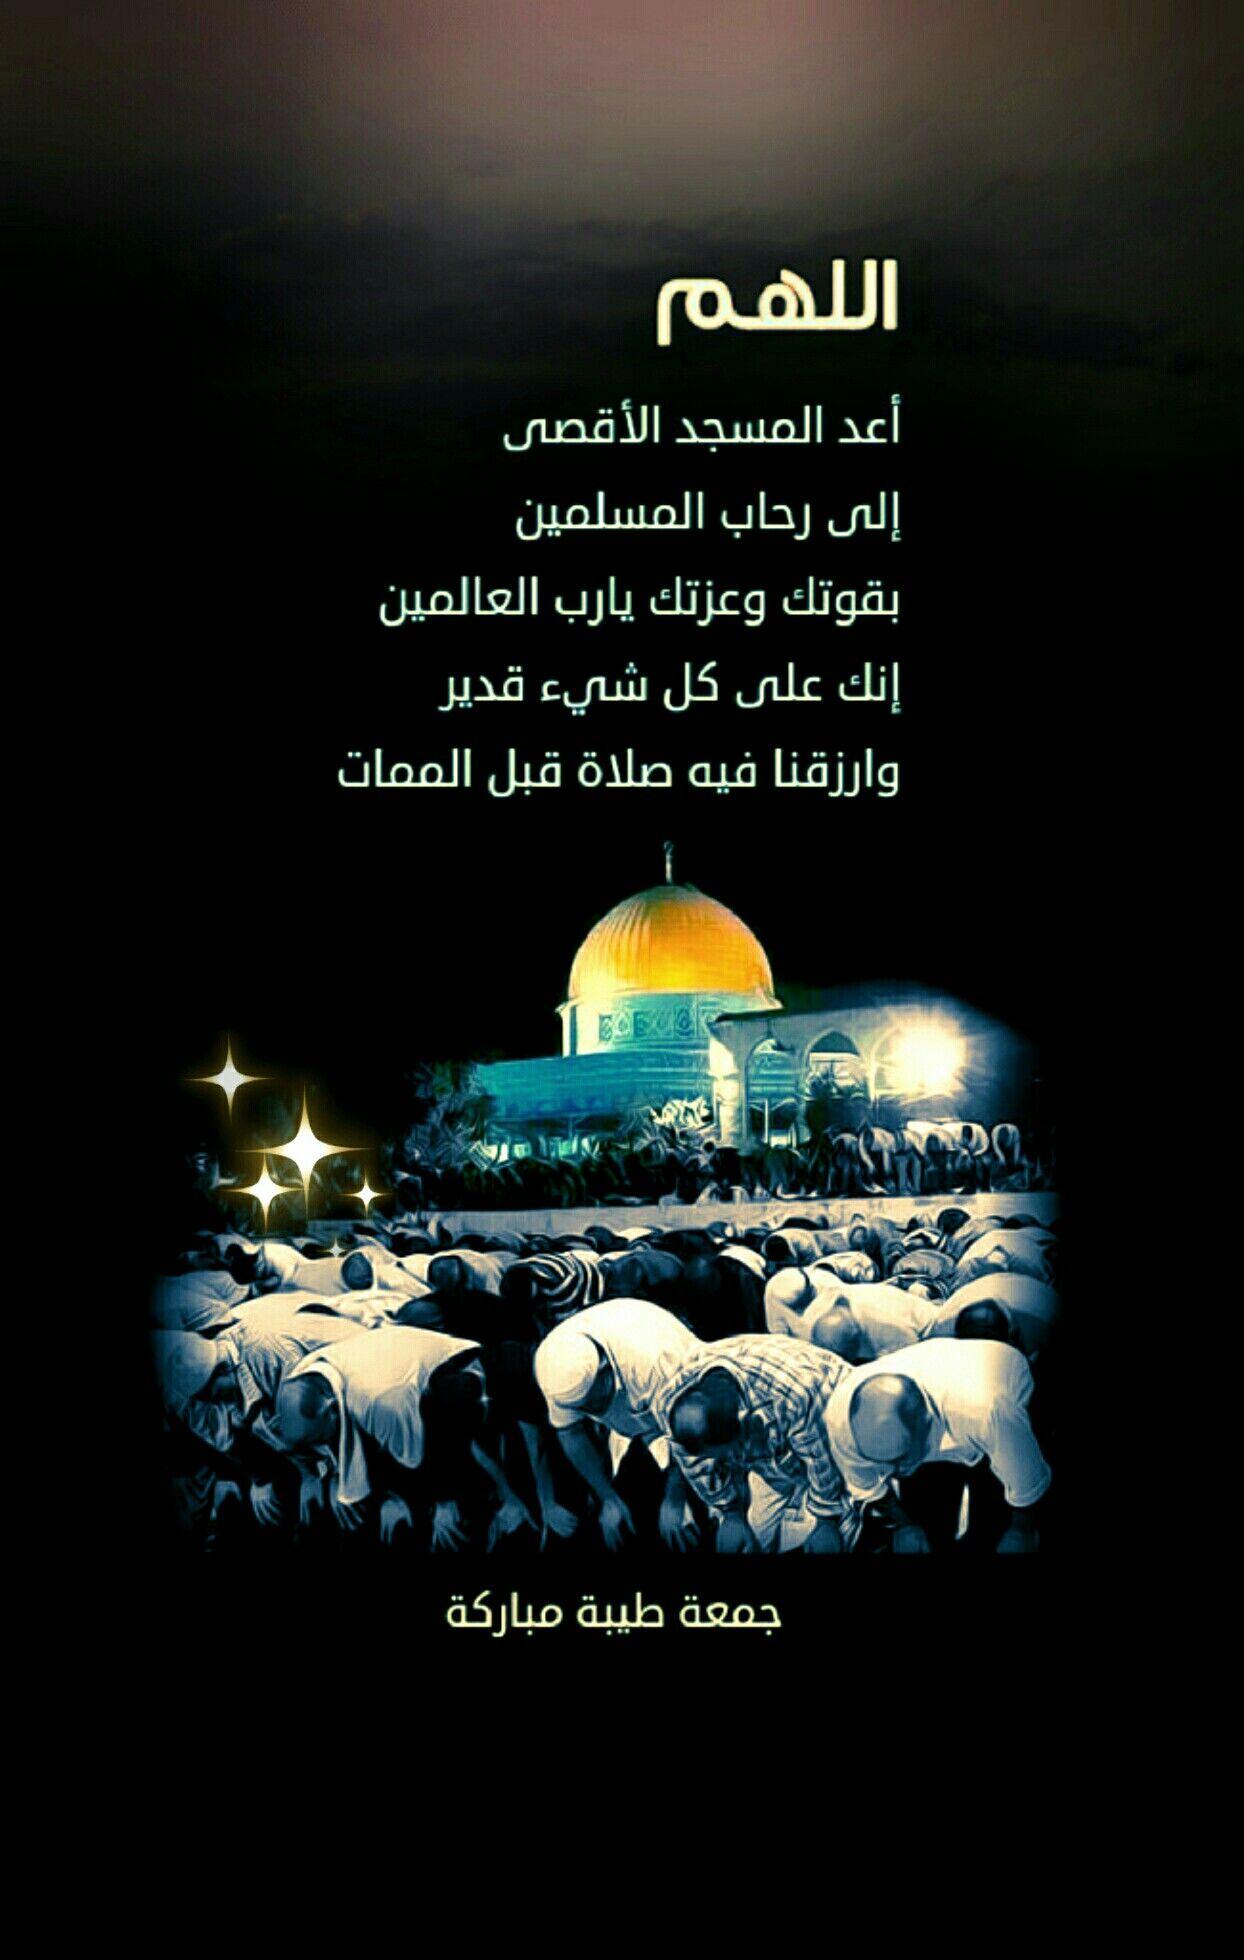 اللهم أعد المسجد الأقصى إلى رحاب المسلمين بقوتك وعزتك يارب العالمين إنك على كل شيء قدير ﻭﺍﺭﺯﻗﻨﺎ ﻓﻴﻪ ﺻﻼ ﺓ ﻗﺒﻞ ﺍﻟﻤﻤﺎﺕ جمعـــ Blessed Friday Prayers Islam